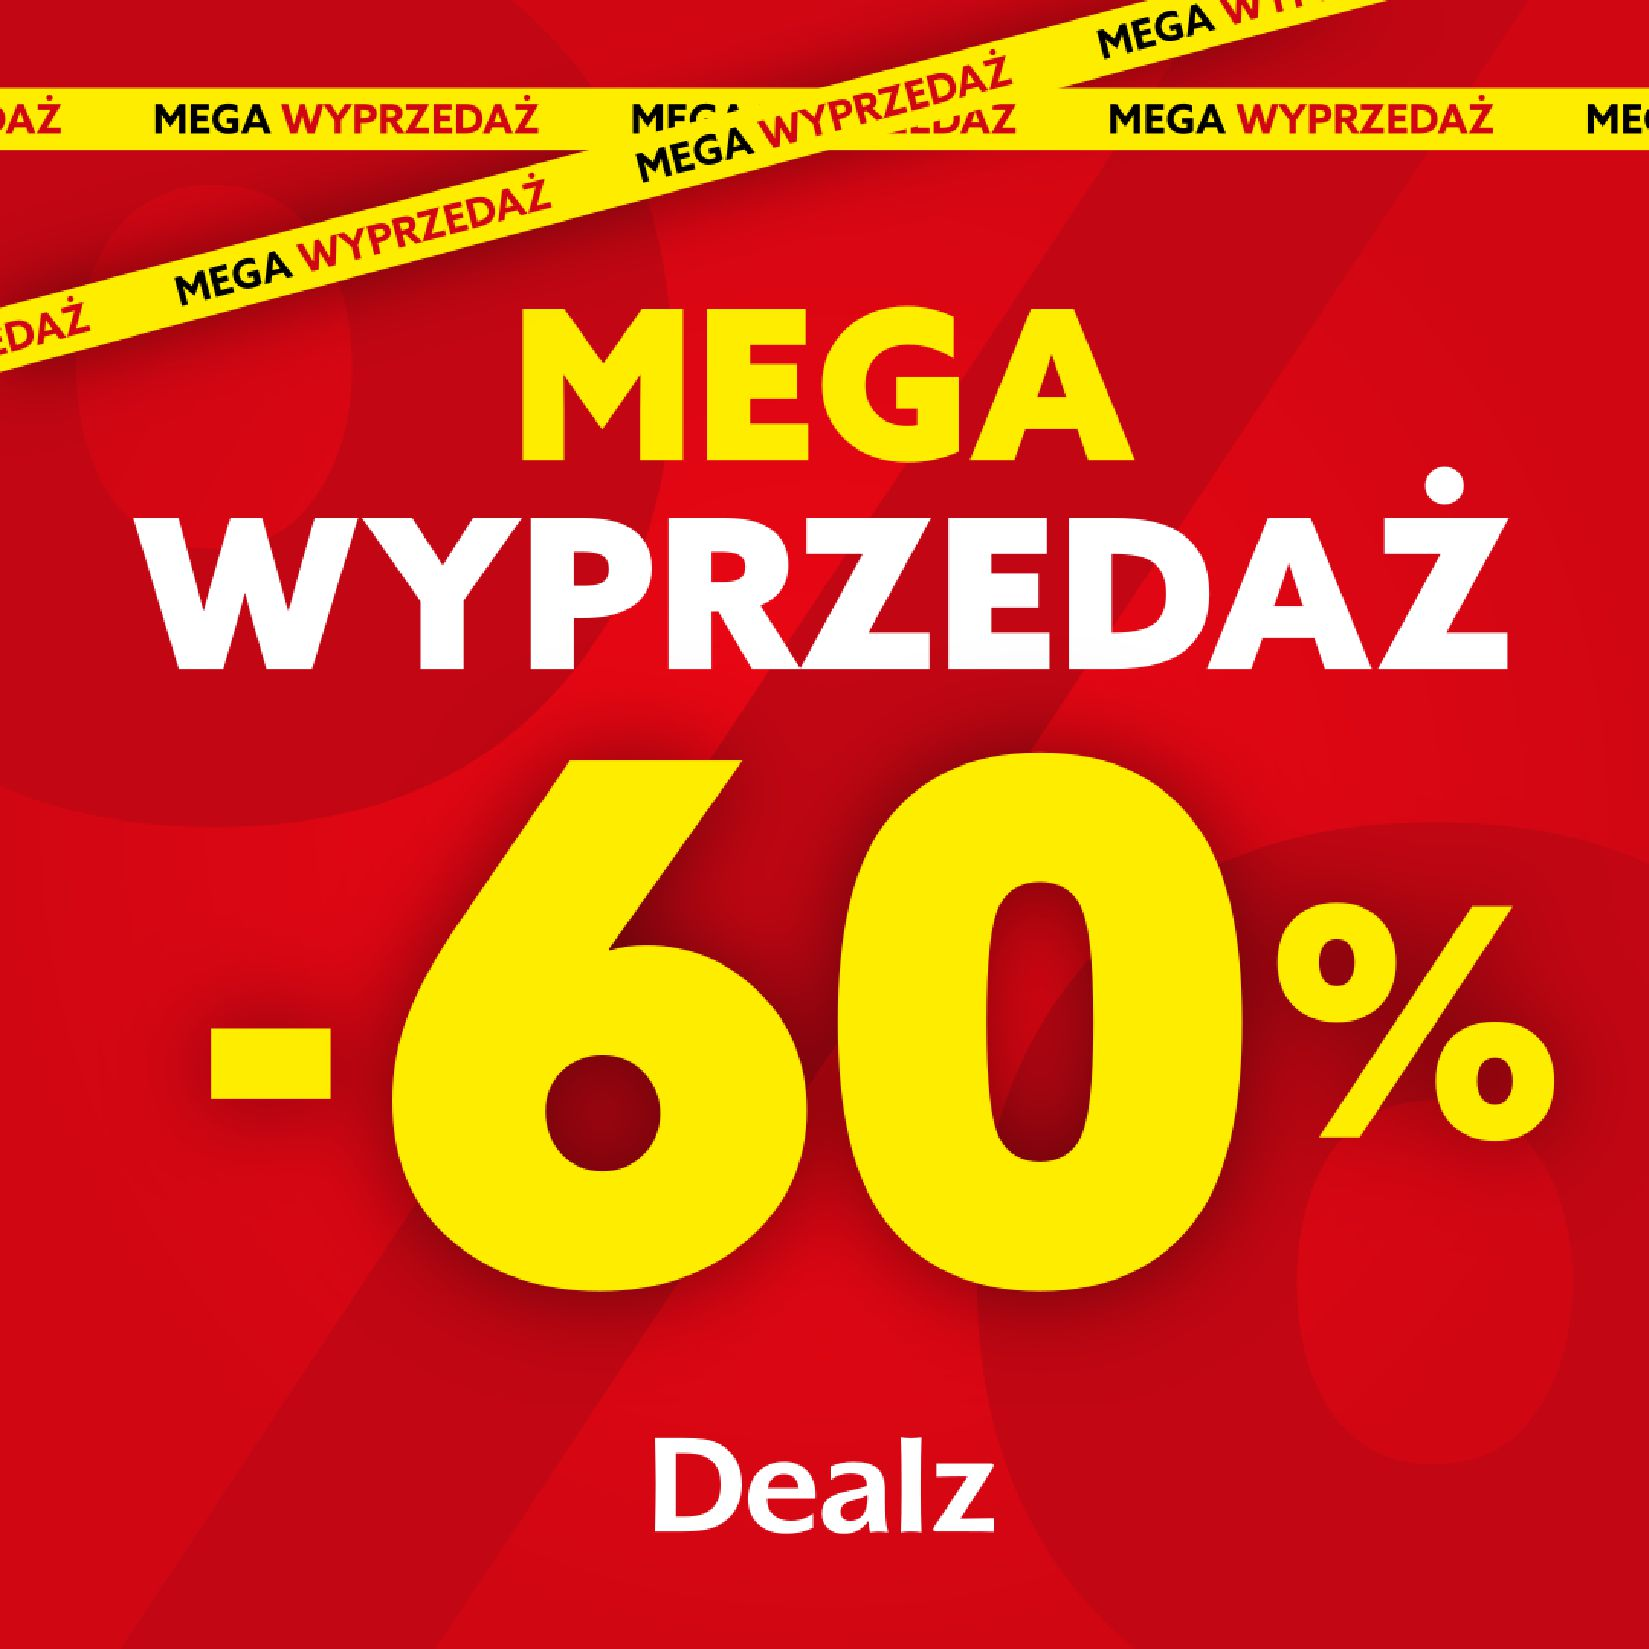 Dealz :  Gazetka Dealz - Mega wyprzedażde 12.09.2021